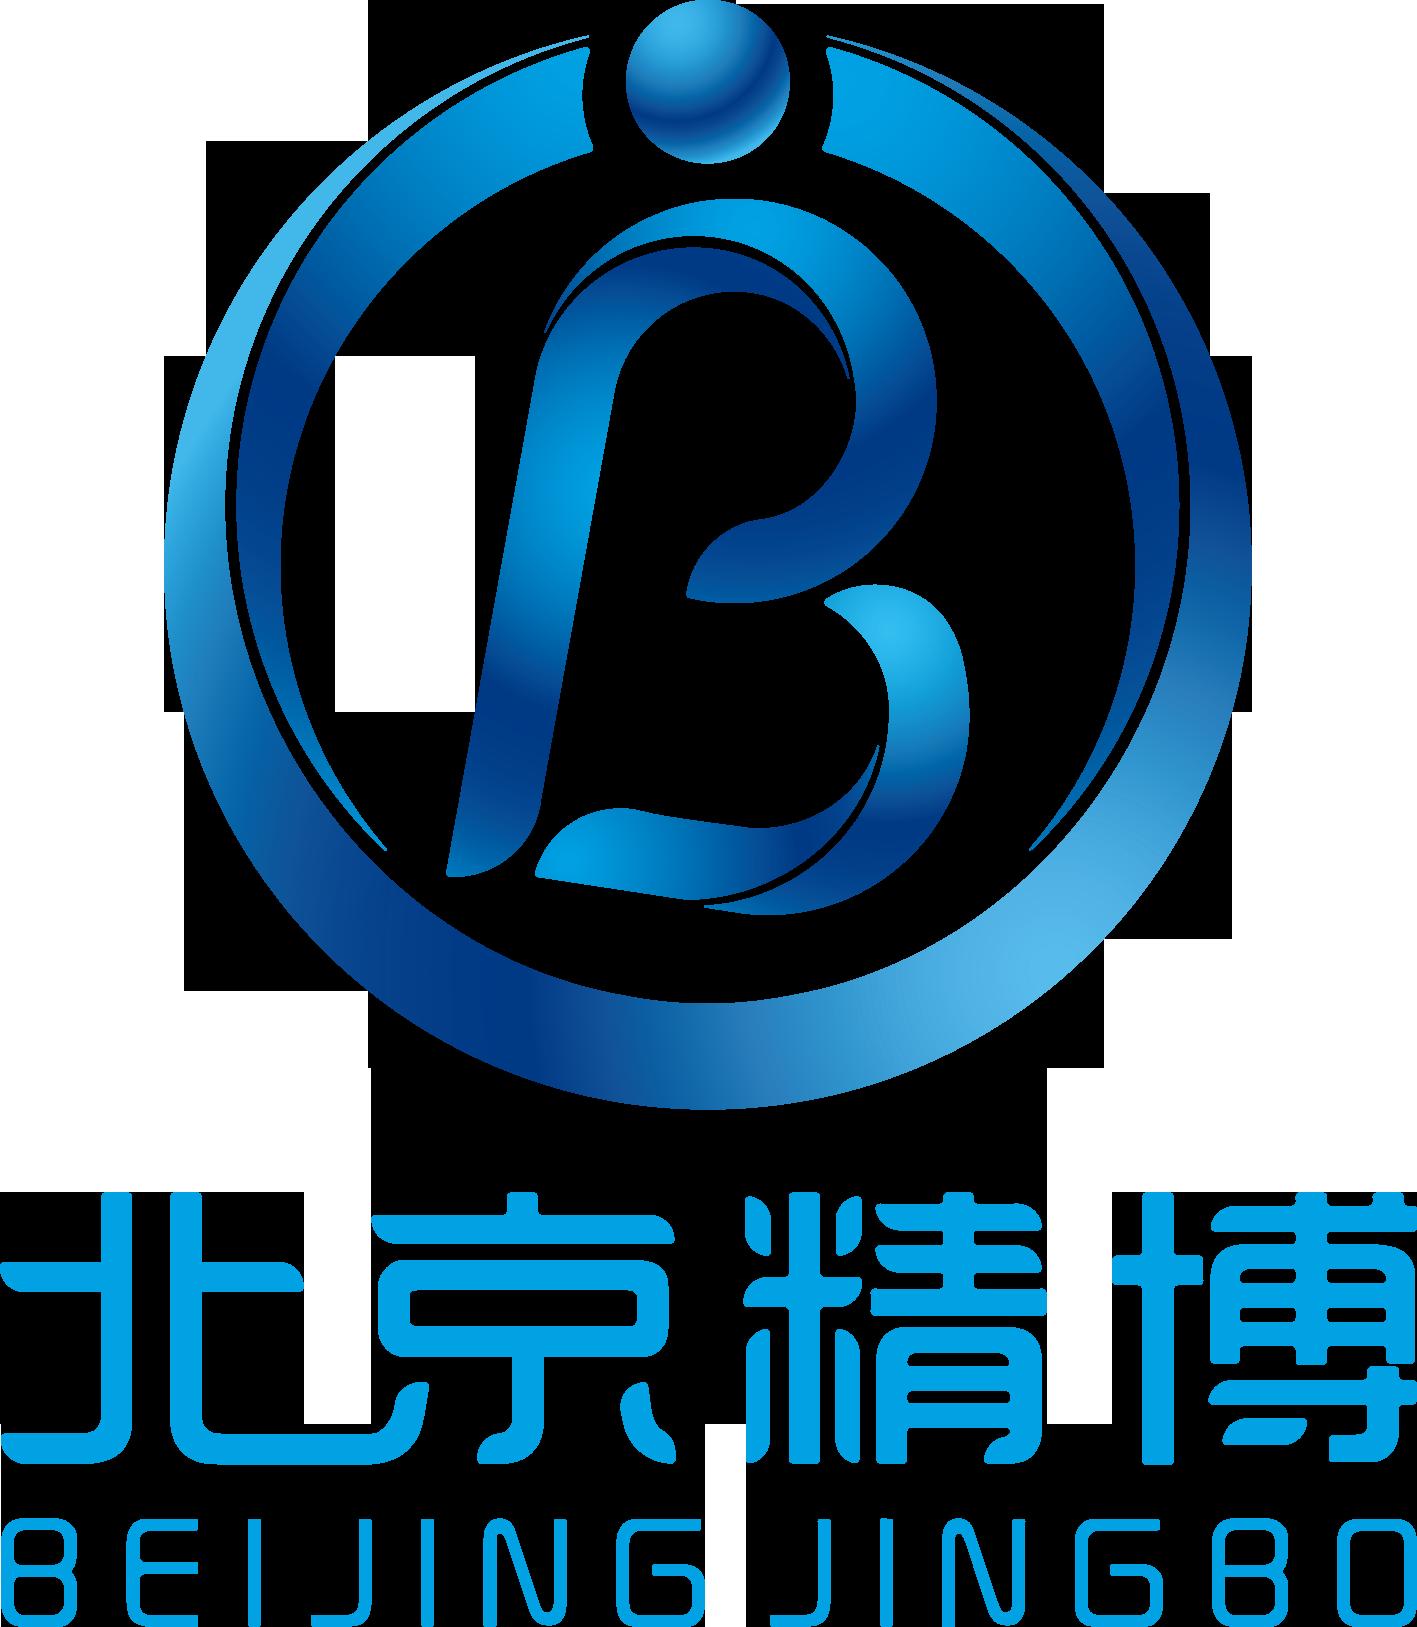 北京精博现代假肢矫形器技术有限公司-2018中国国际福祉博览会暨中国国际康复博览会